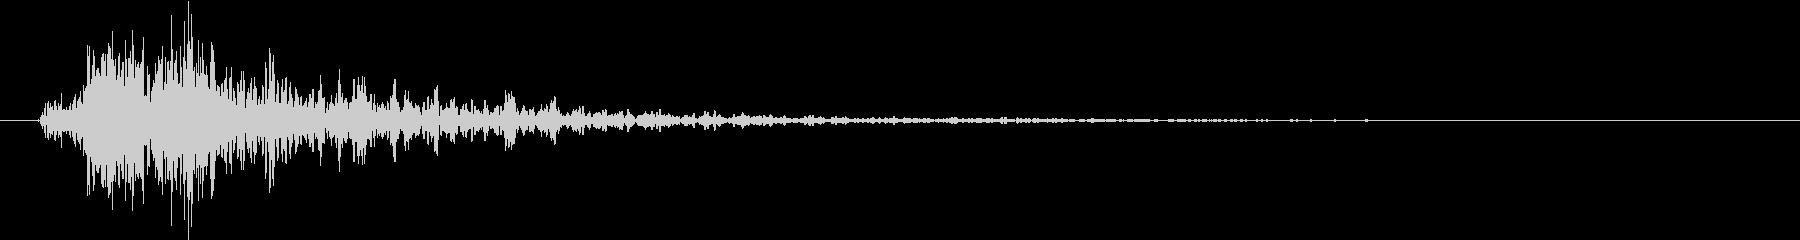 トランジション 炎01の未再生の波形